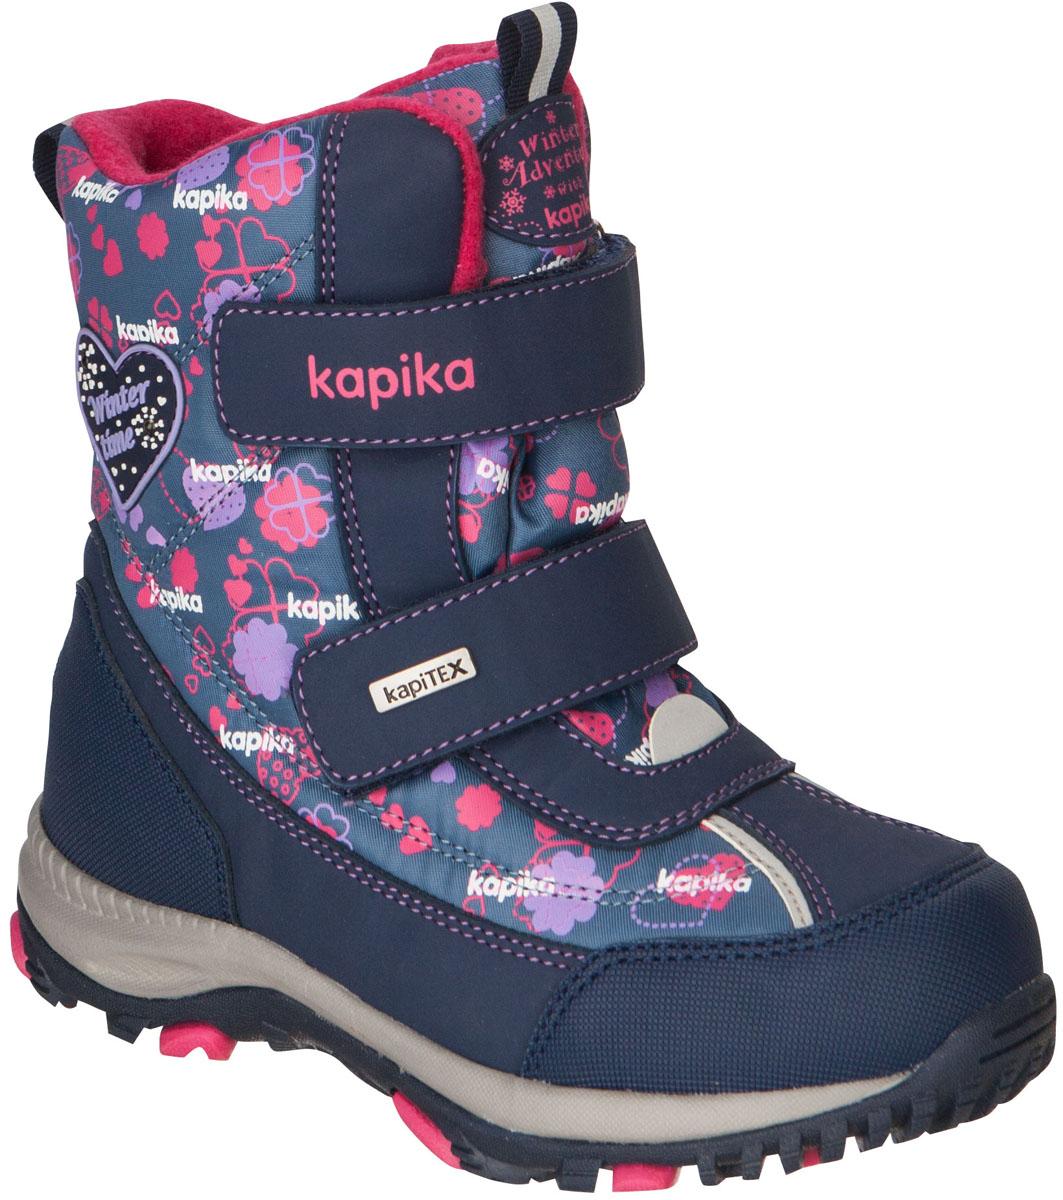 42167-1Легкие, удобные и теплые ботинки от Kapika выполнены из мембранных материалов и искусственной кожи. Два ремешка на застежках-липучках надежно фиксируют изделие на ноге. Мягкая подкладка и стелька из шерсти обеспечивают тепло, циркуляцию воздуха и сохраняют комфортный микроклимат в обуви. Подошва с протектором гарантирует идеальное сцепление с любыми поверхностями. Идеальная зимняя обувь для активных детей. Модель большемерит на 1 размер.